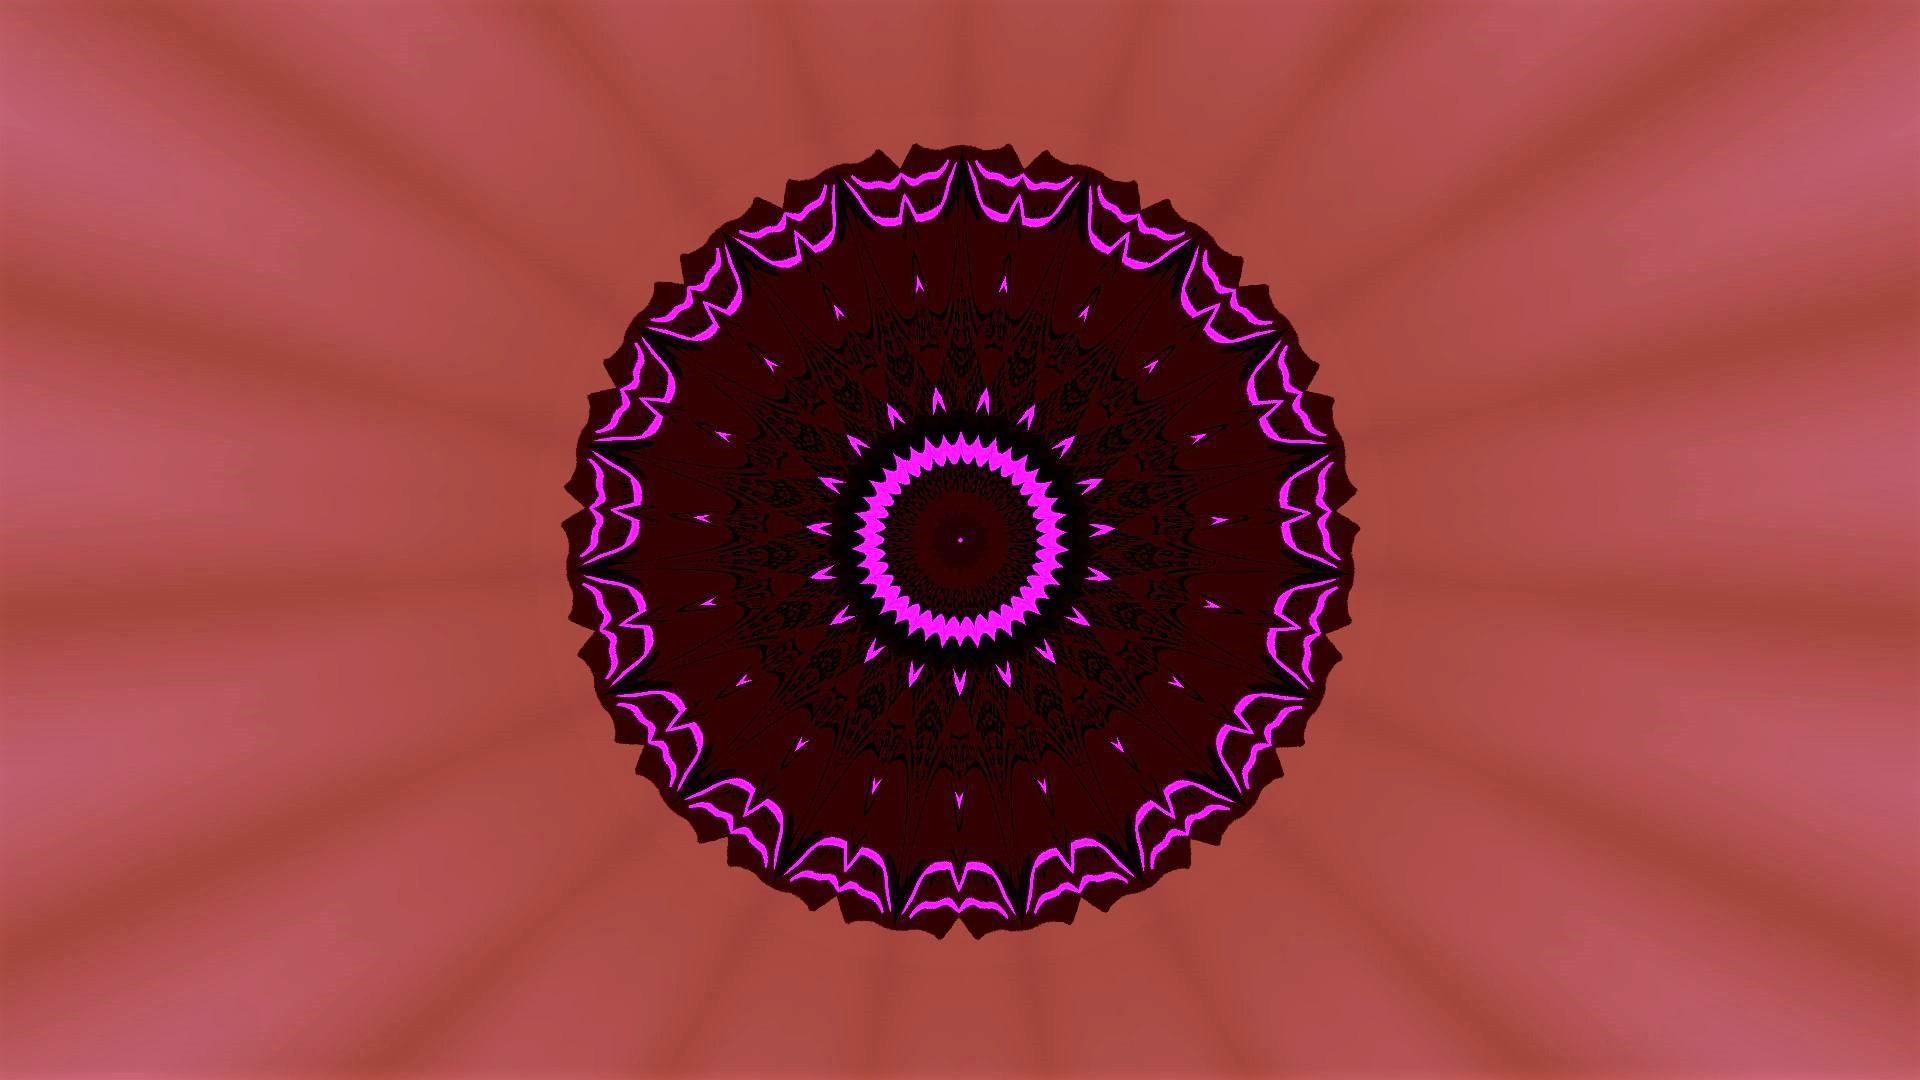 Art ID: 116598